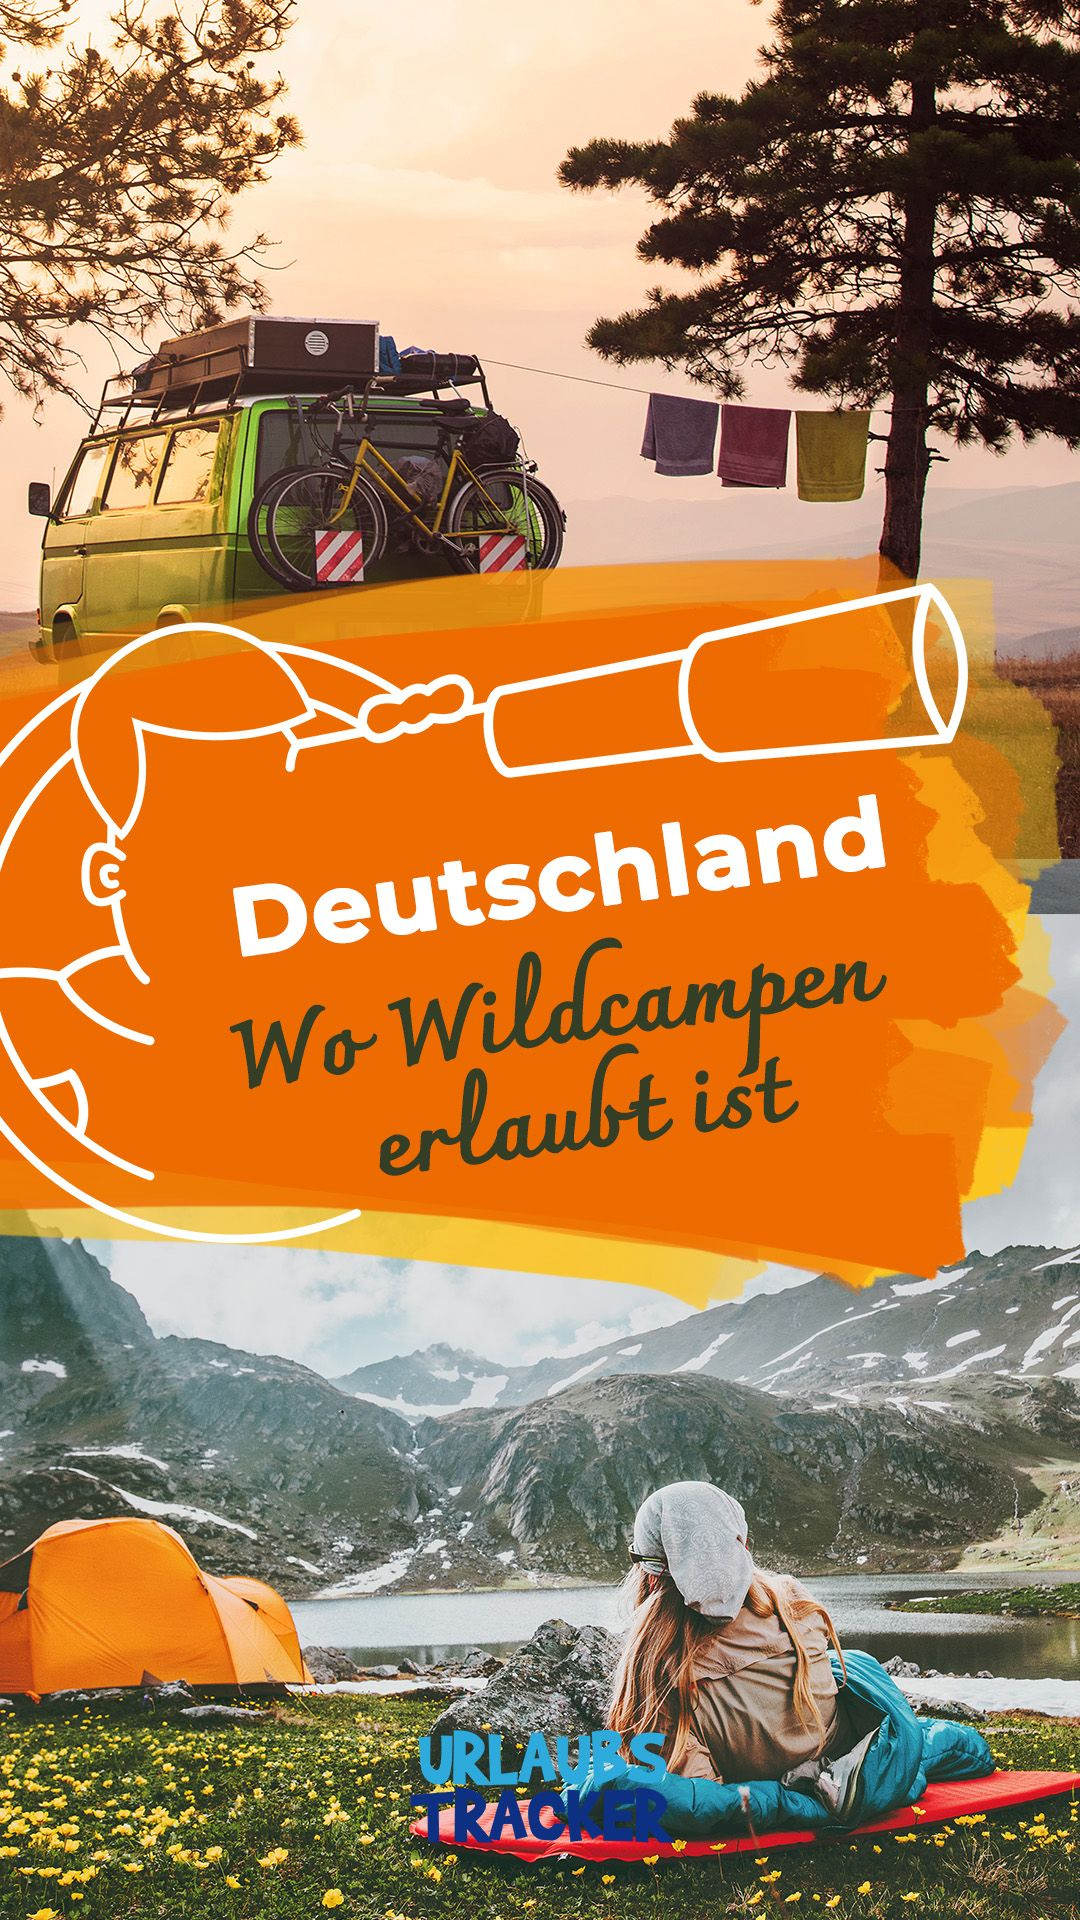 Wildcampen in Deutschland Hier ist es erlaubt